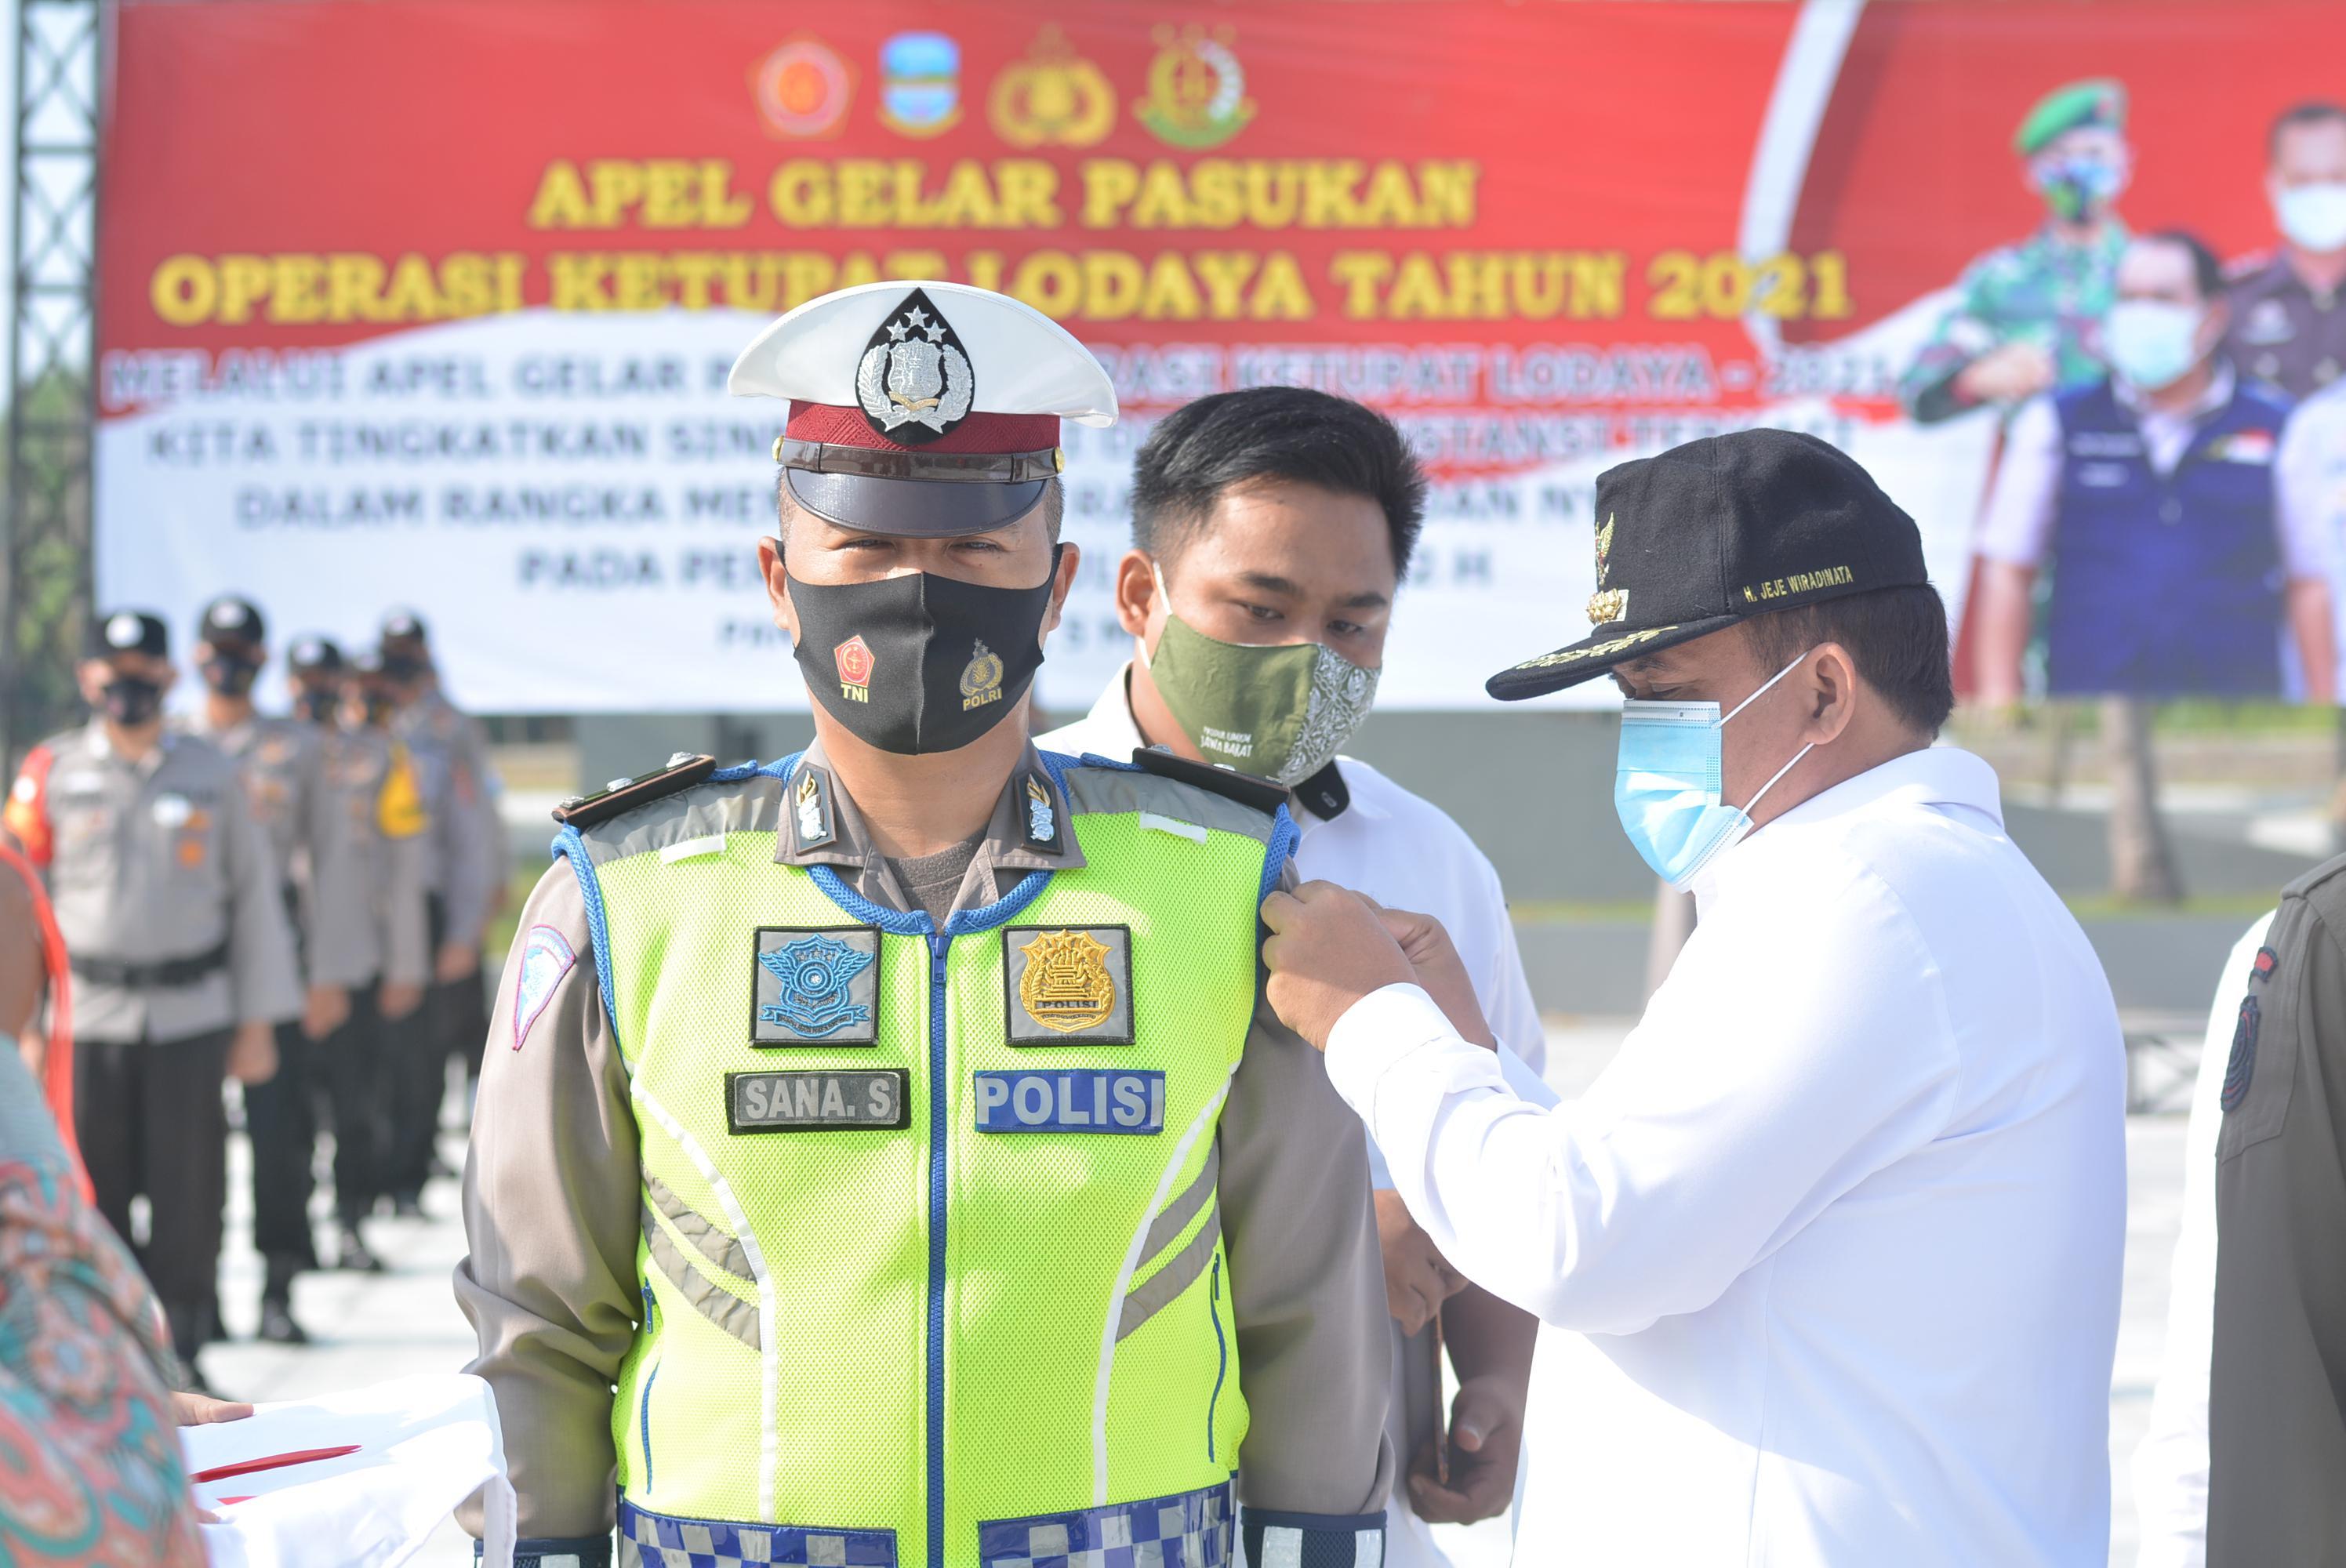 Bupati Pangandaran Pimpin Apel Gelar Pasukan Operasi Ketupat Lodaya Tahun 2021